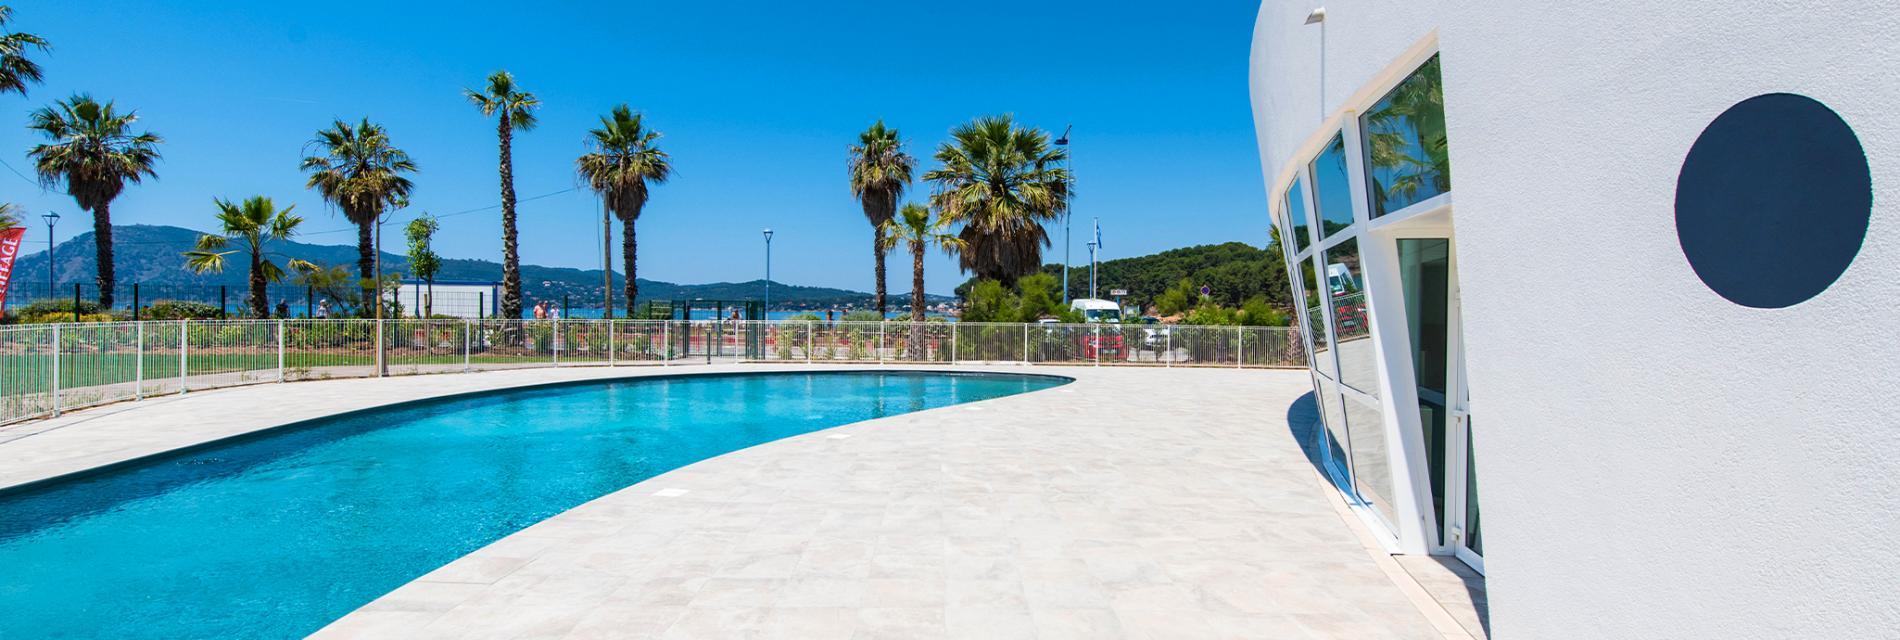 Slide Piscine - Cap Azur